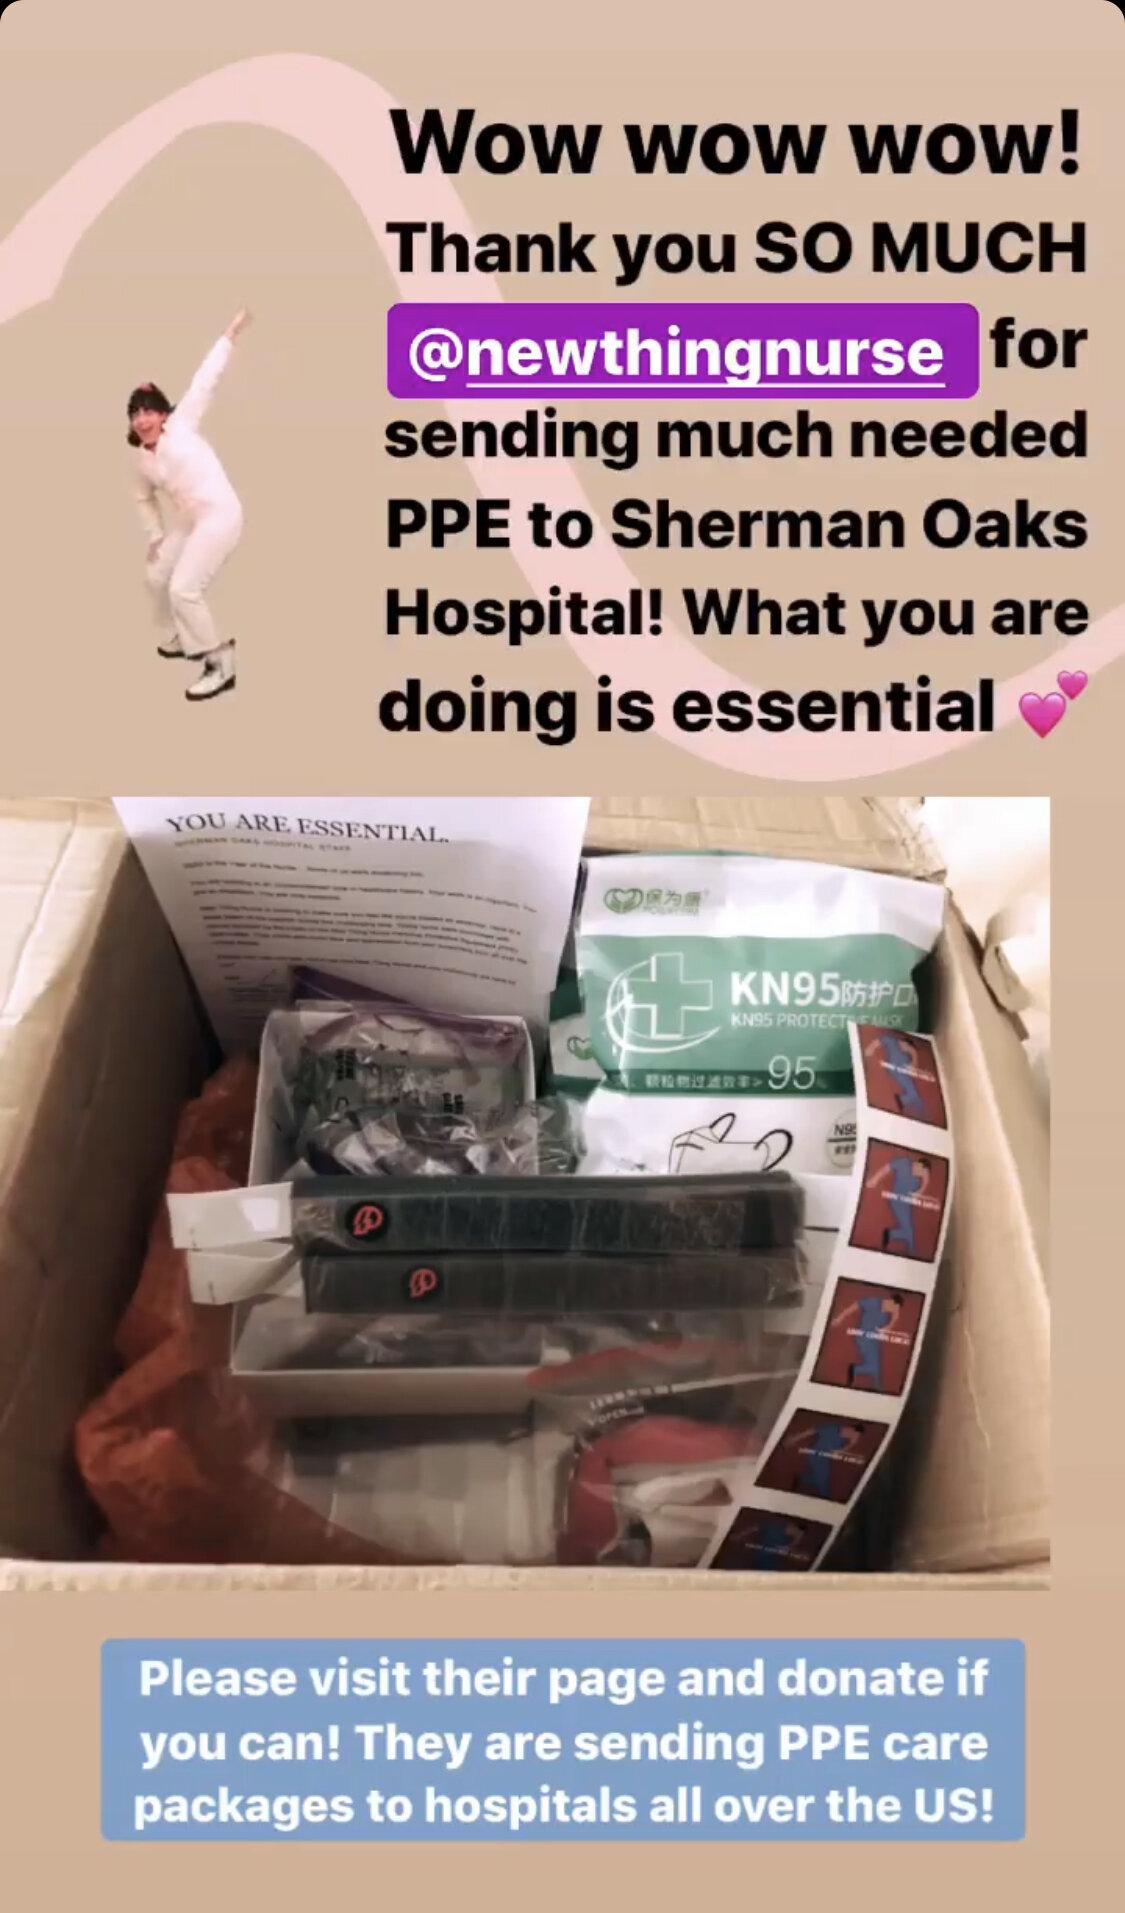 2020年5月2日:另一个新事物护士必威博彩app下载个人防护装备护理包登陆南加州!点击图片阅读更多!